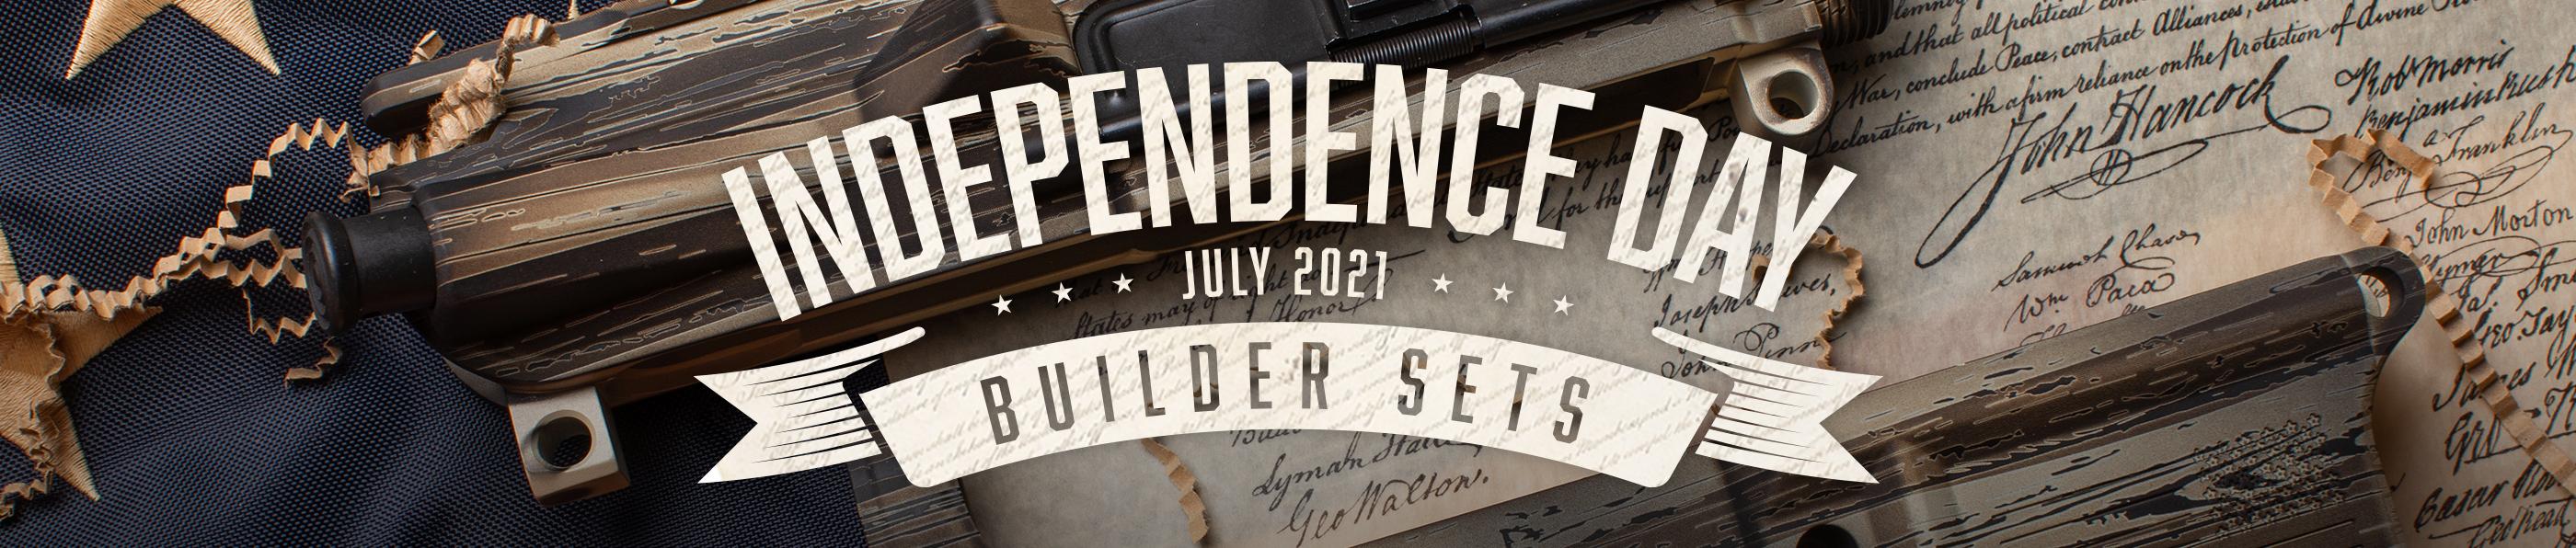 USS Constitution Builder Set